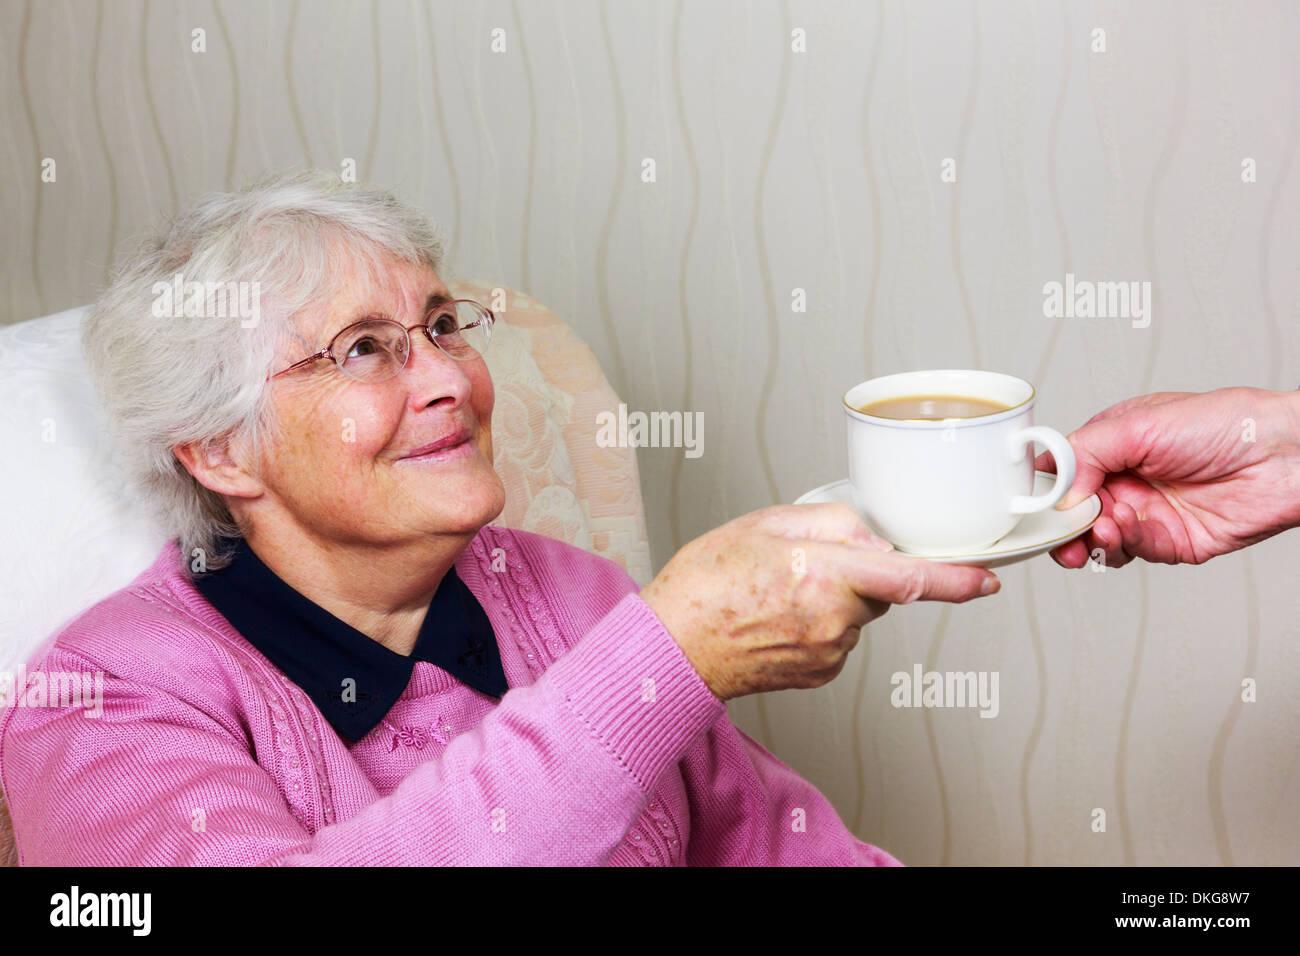 Fragile dolce felice vecchio anziani senior donna che guarda e sorridendo a un accompagnatore di consegnare la sua una tazza di tè durante la quotidiana cura quotidiana home visita. Inghilterra, Regno Unito Immagini Stock